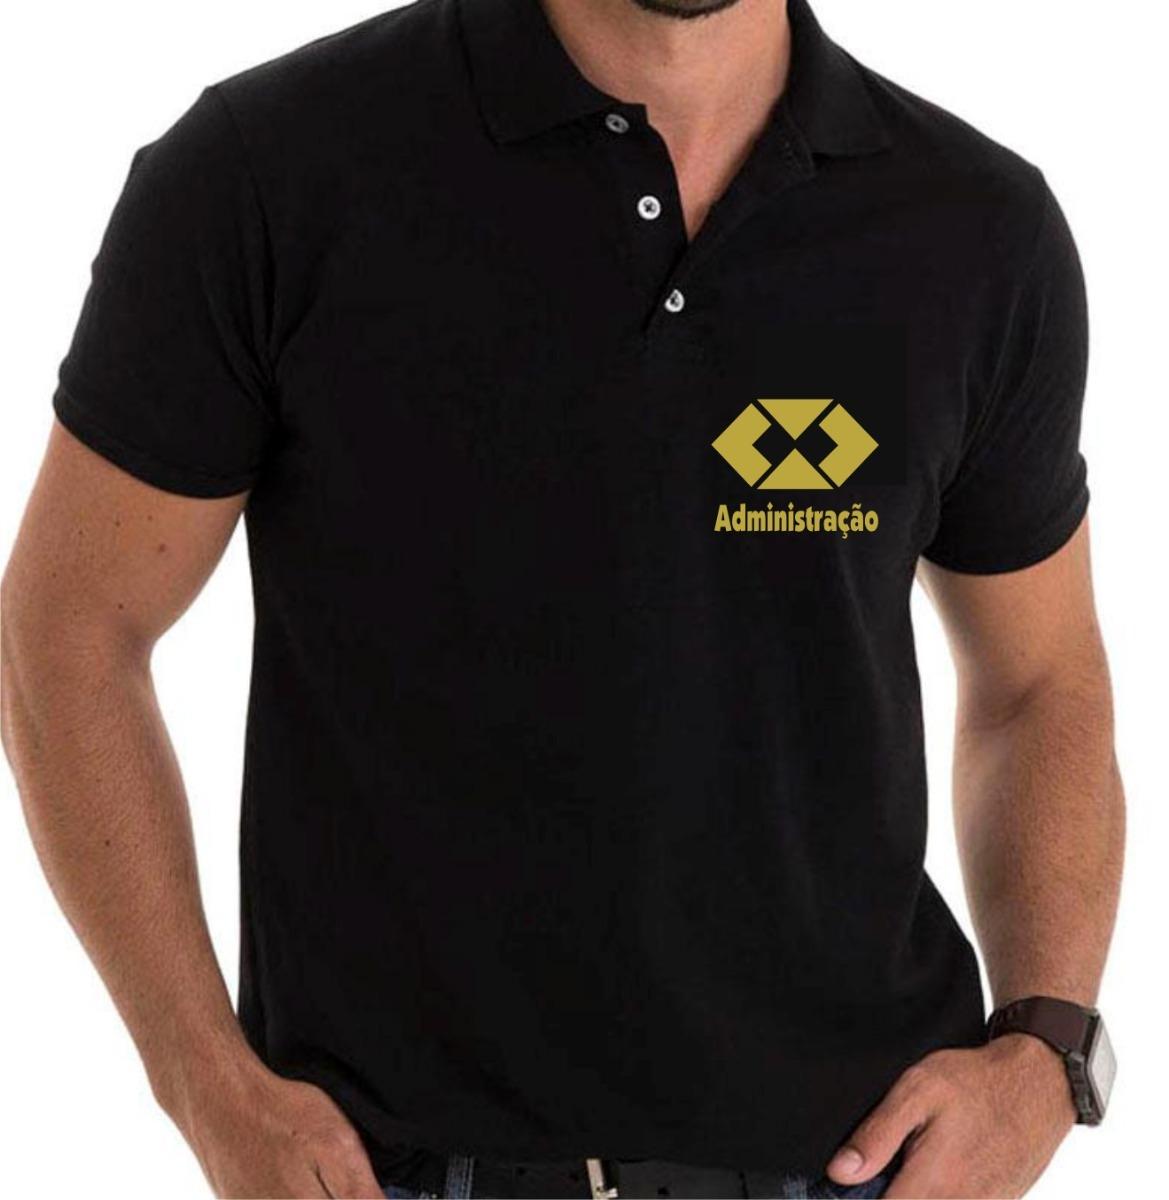 1a4808edc3 camisa polo administração - curso adm - logo. Carregando zoom.